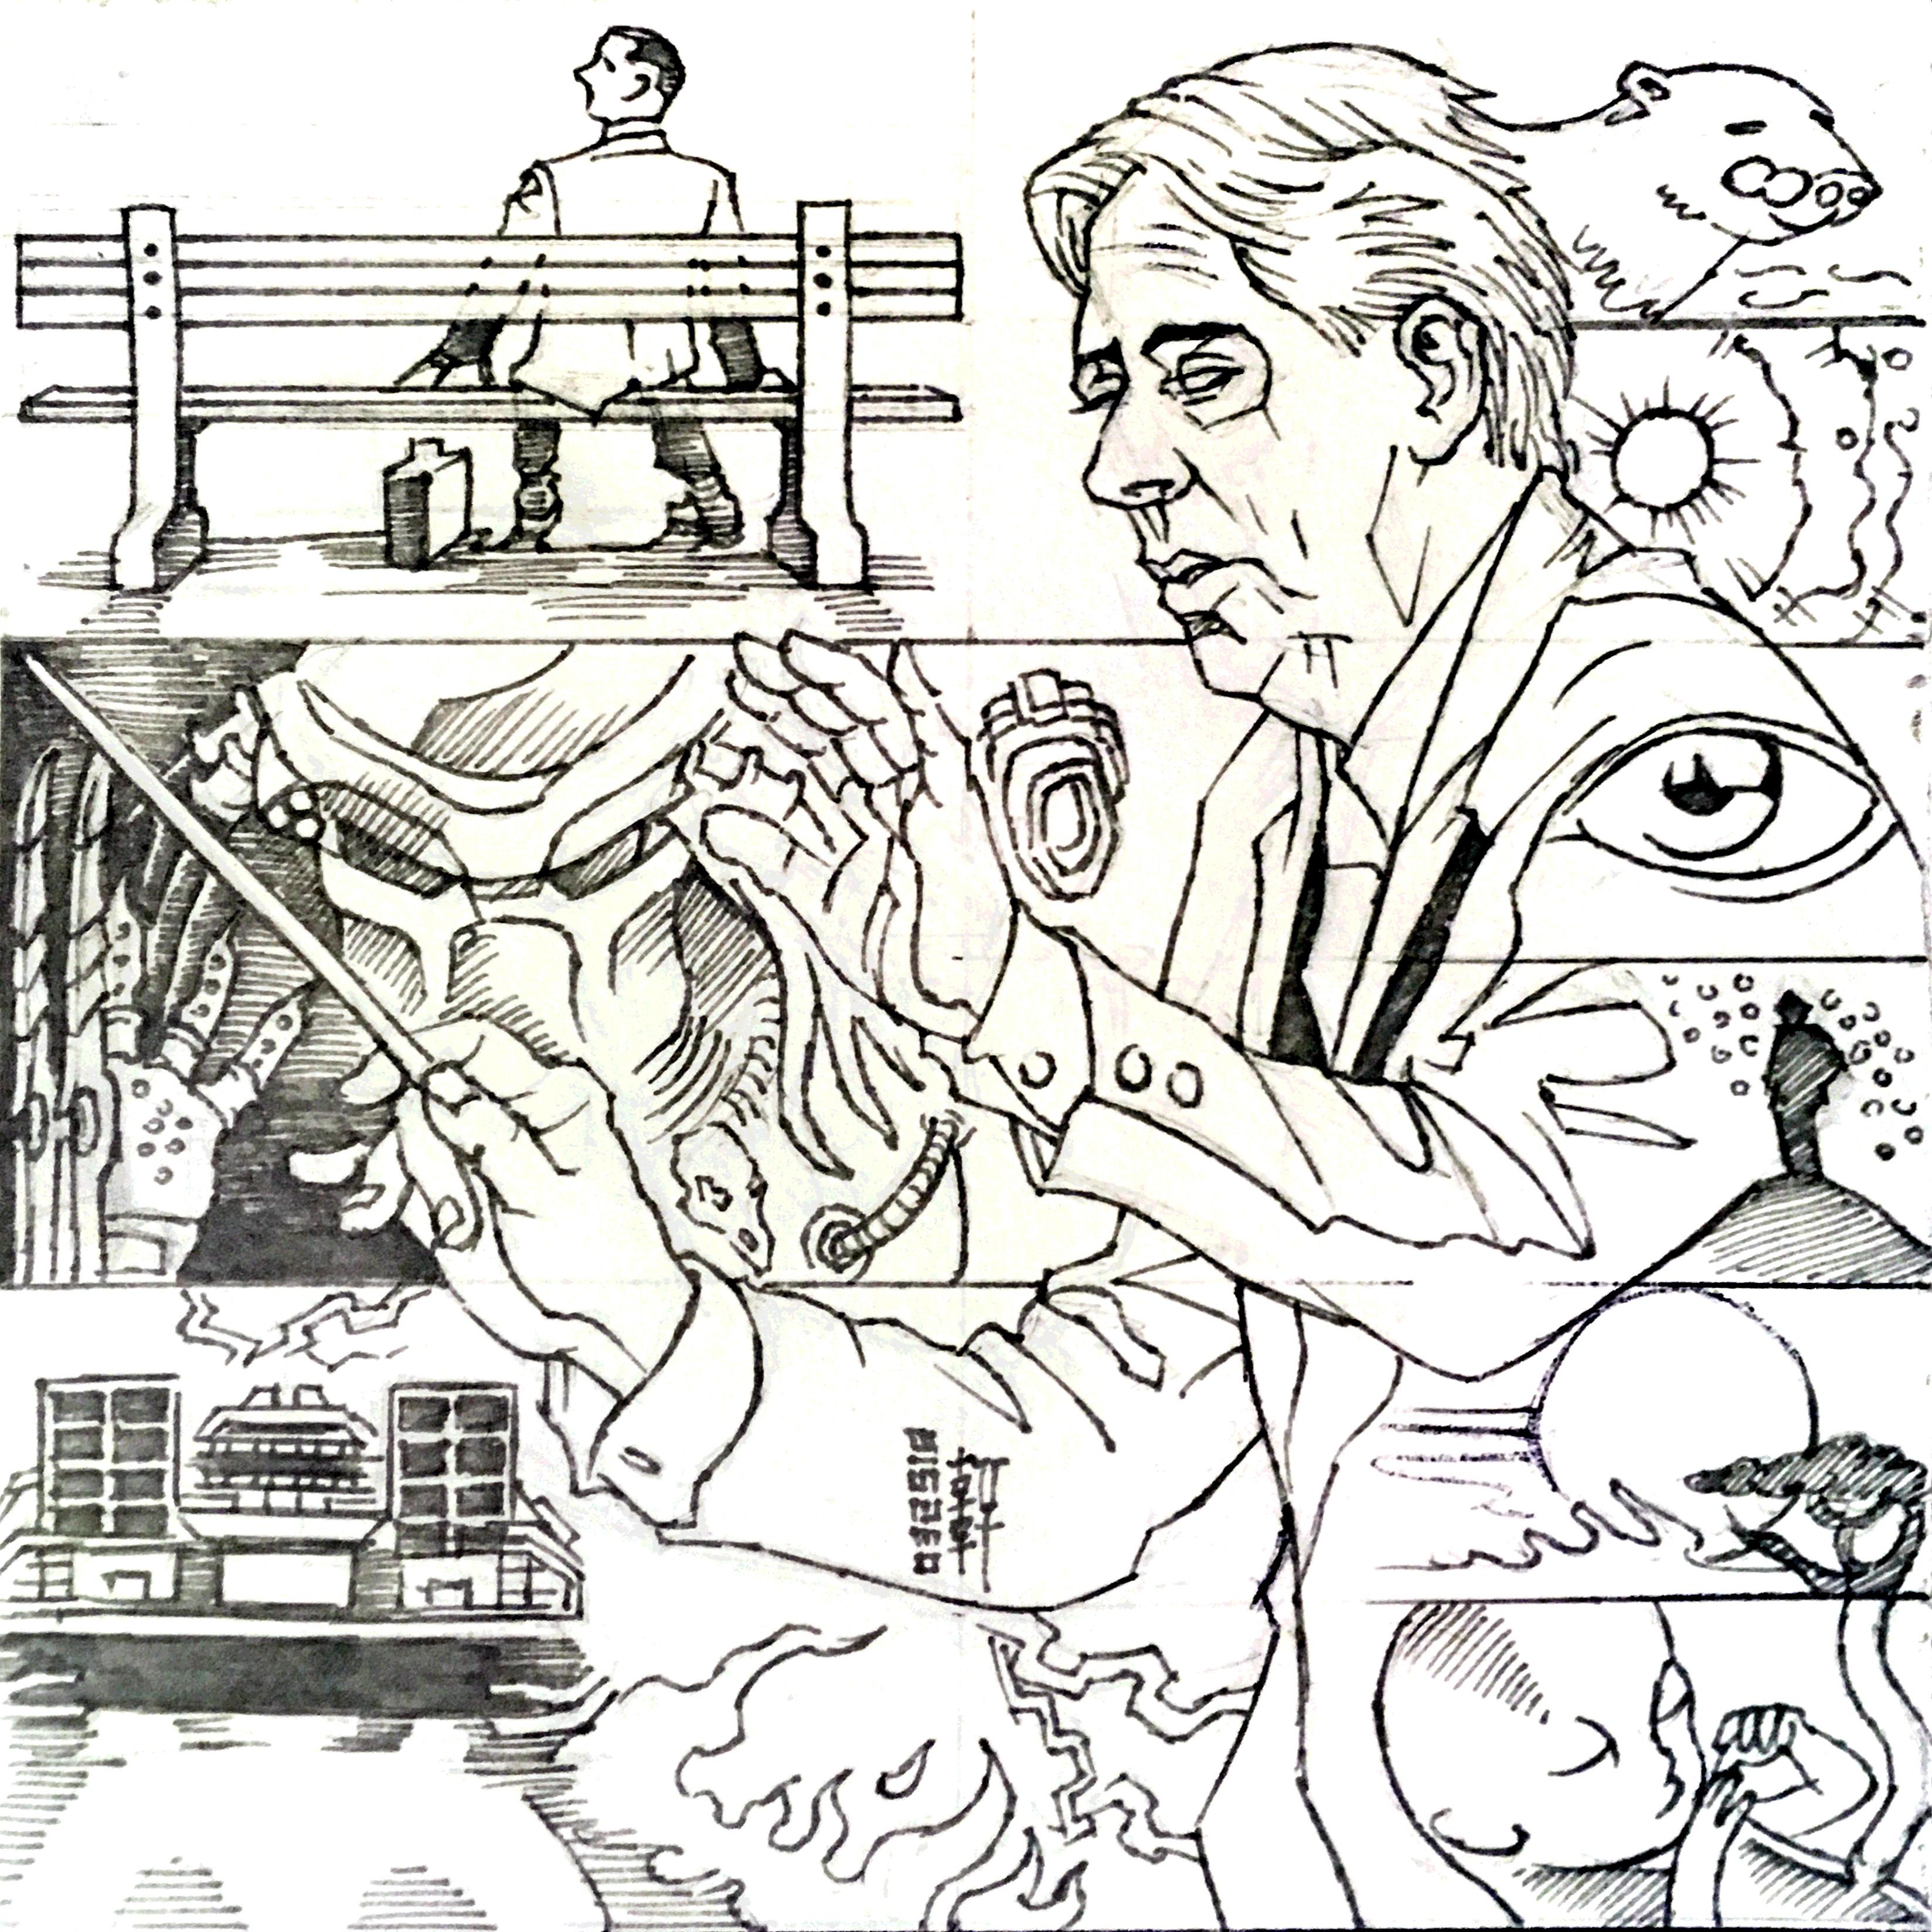 Day 03-26-18 - Alan Silvestri Sketch